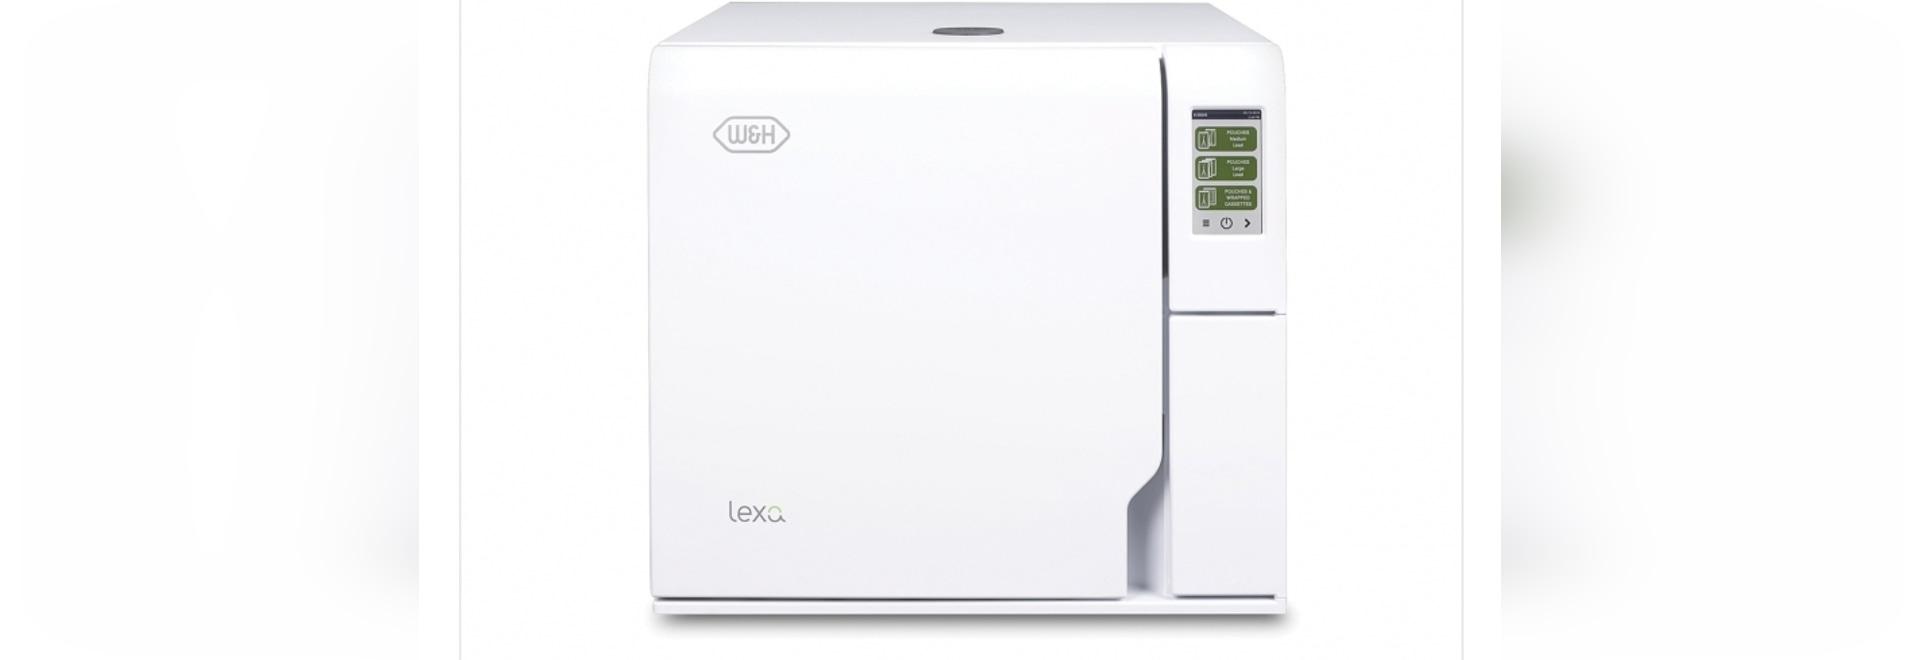 Lo sterilizzatore combina l'efficienza con risultati di asciugatura ottimali